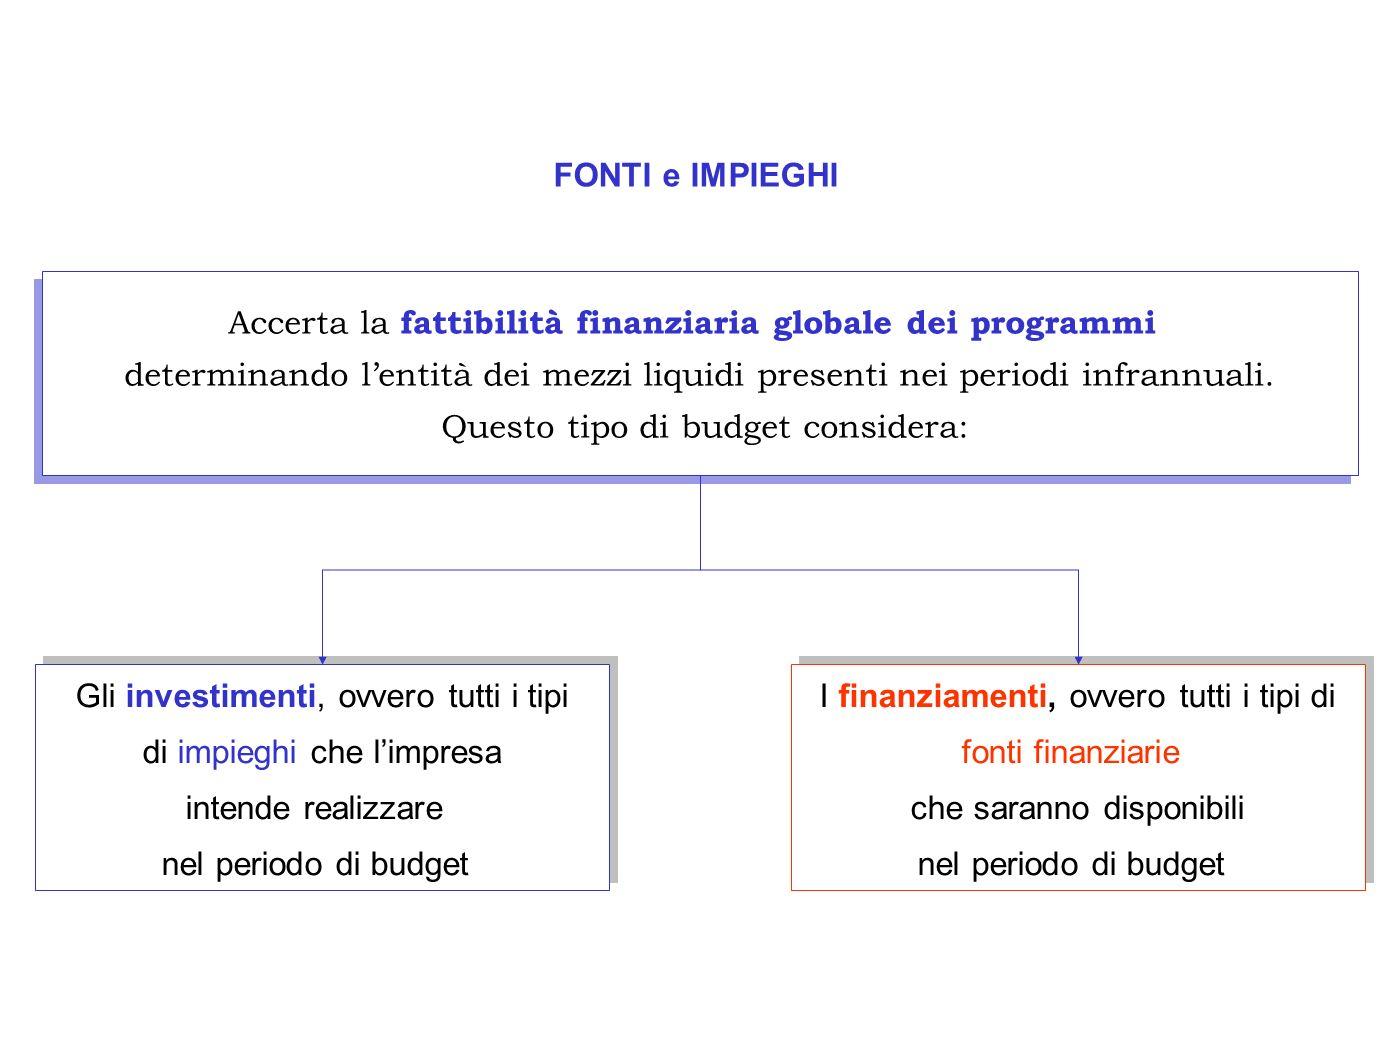 Accerta la fattibilità finanziaria globale dei programmi